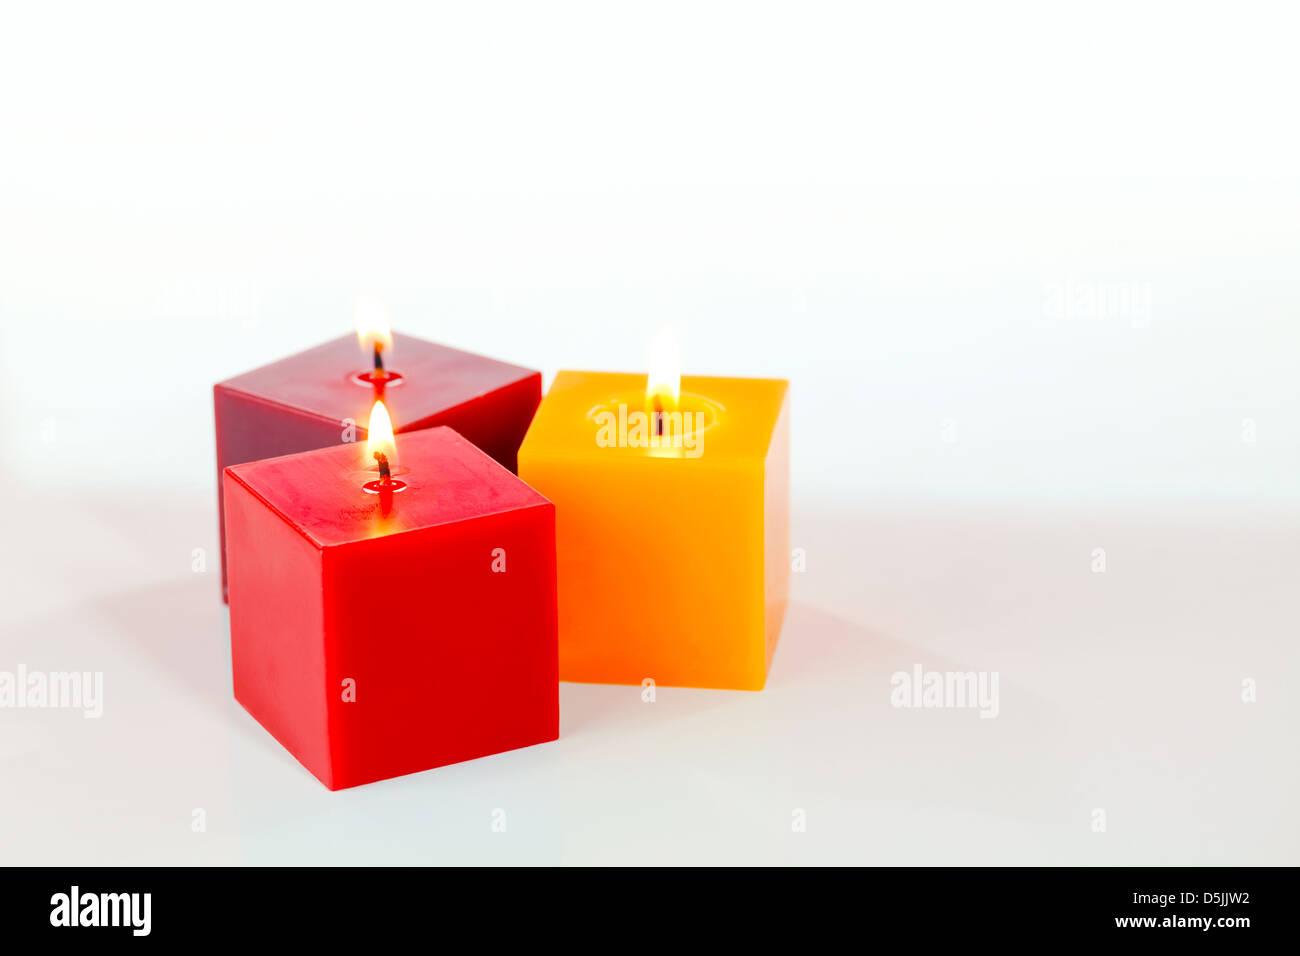 Three burning candles against white background - Stock Image